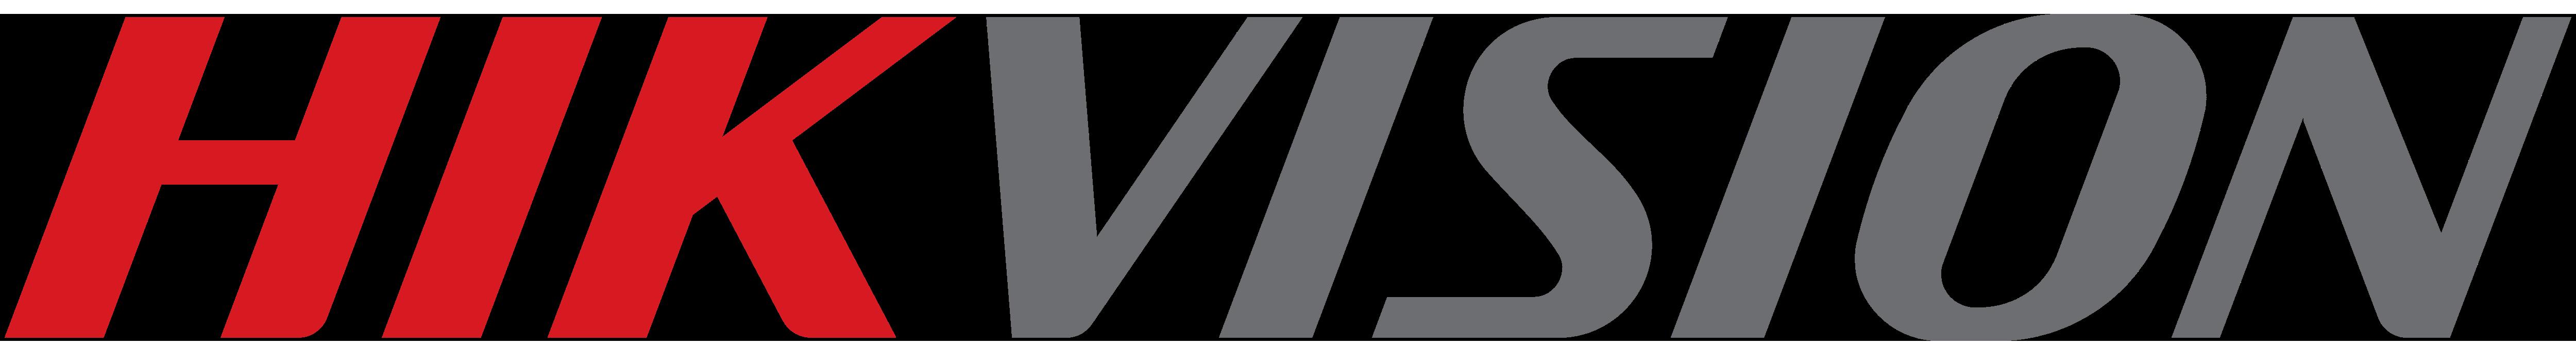 Hikvision_logo_cctv